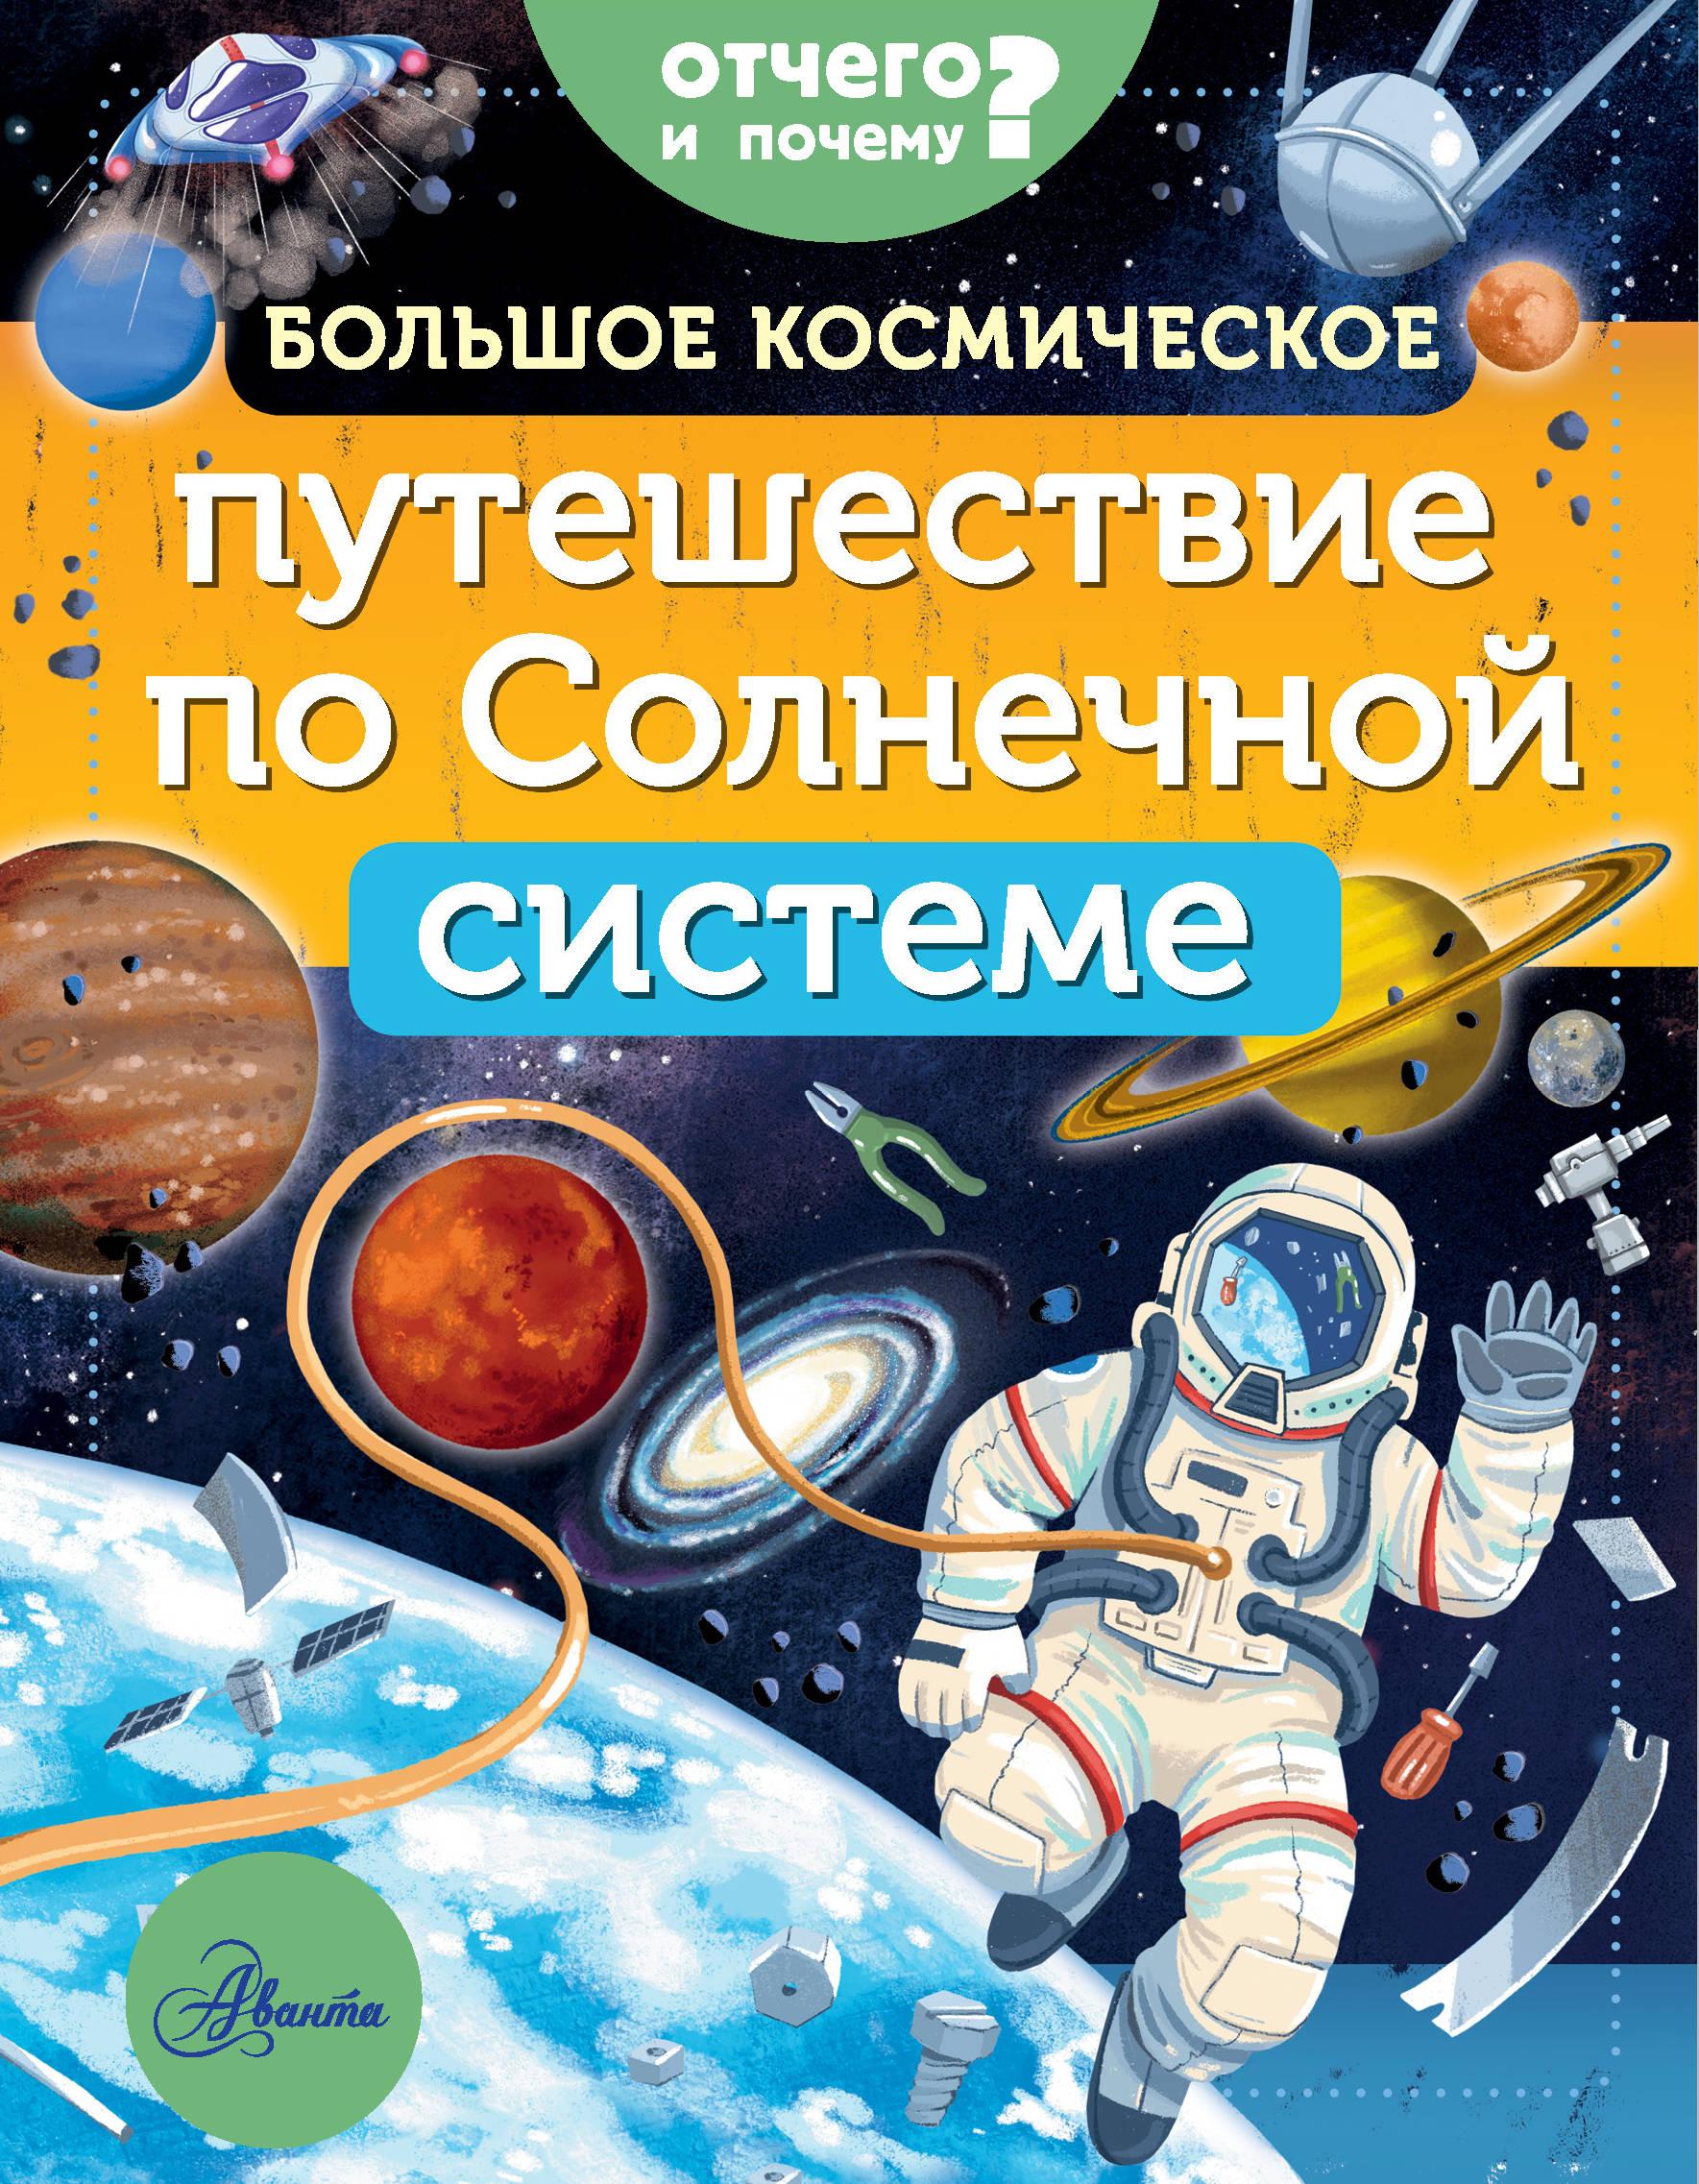 Bolshoe kosmicheskoe puteshestvie po Solnechnoj sisteme